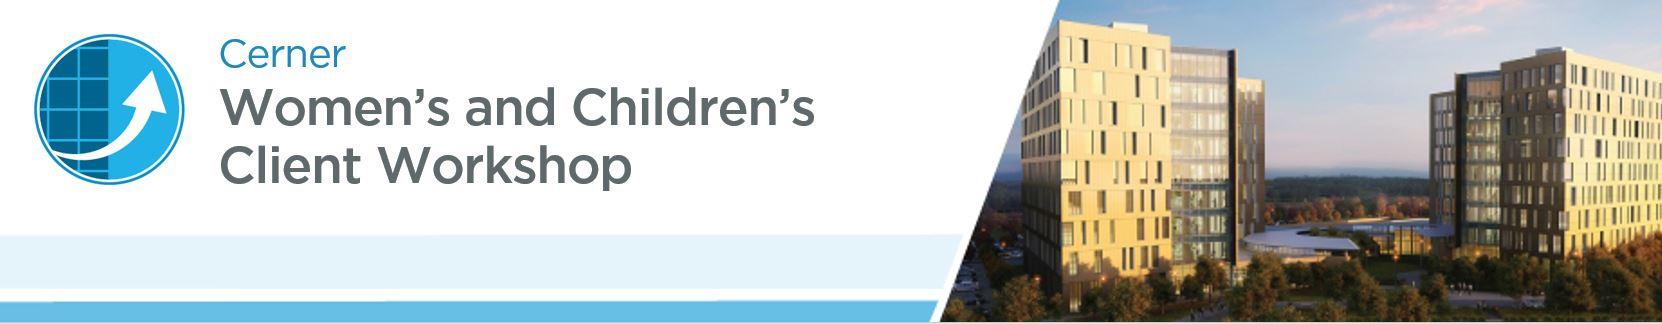 Women's and Children's Client Workshop 2018